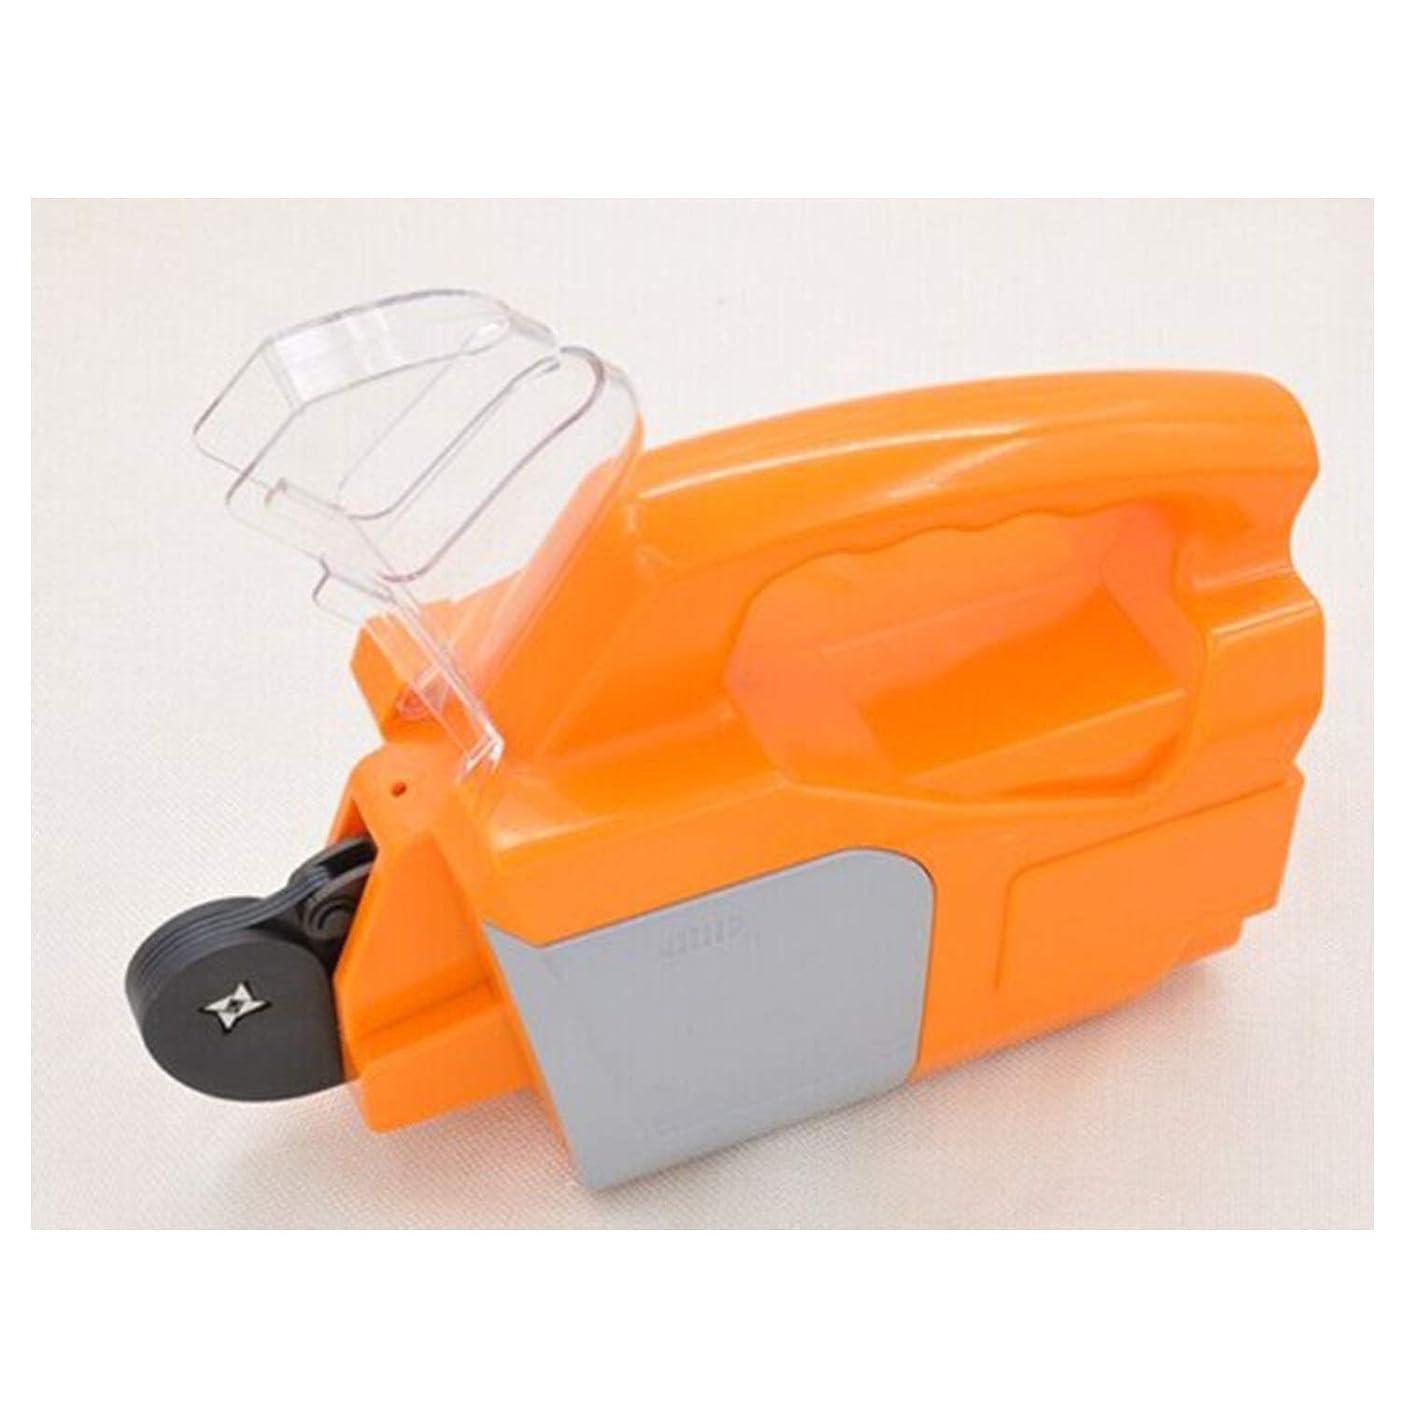 雑多な舗装する時期尚早圧着ペンチ 多機能 圧着ケーブルフェルール用エアエア圧着工具、エンドスリーブ0.08?6mm2、圧着ペンチ